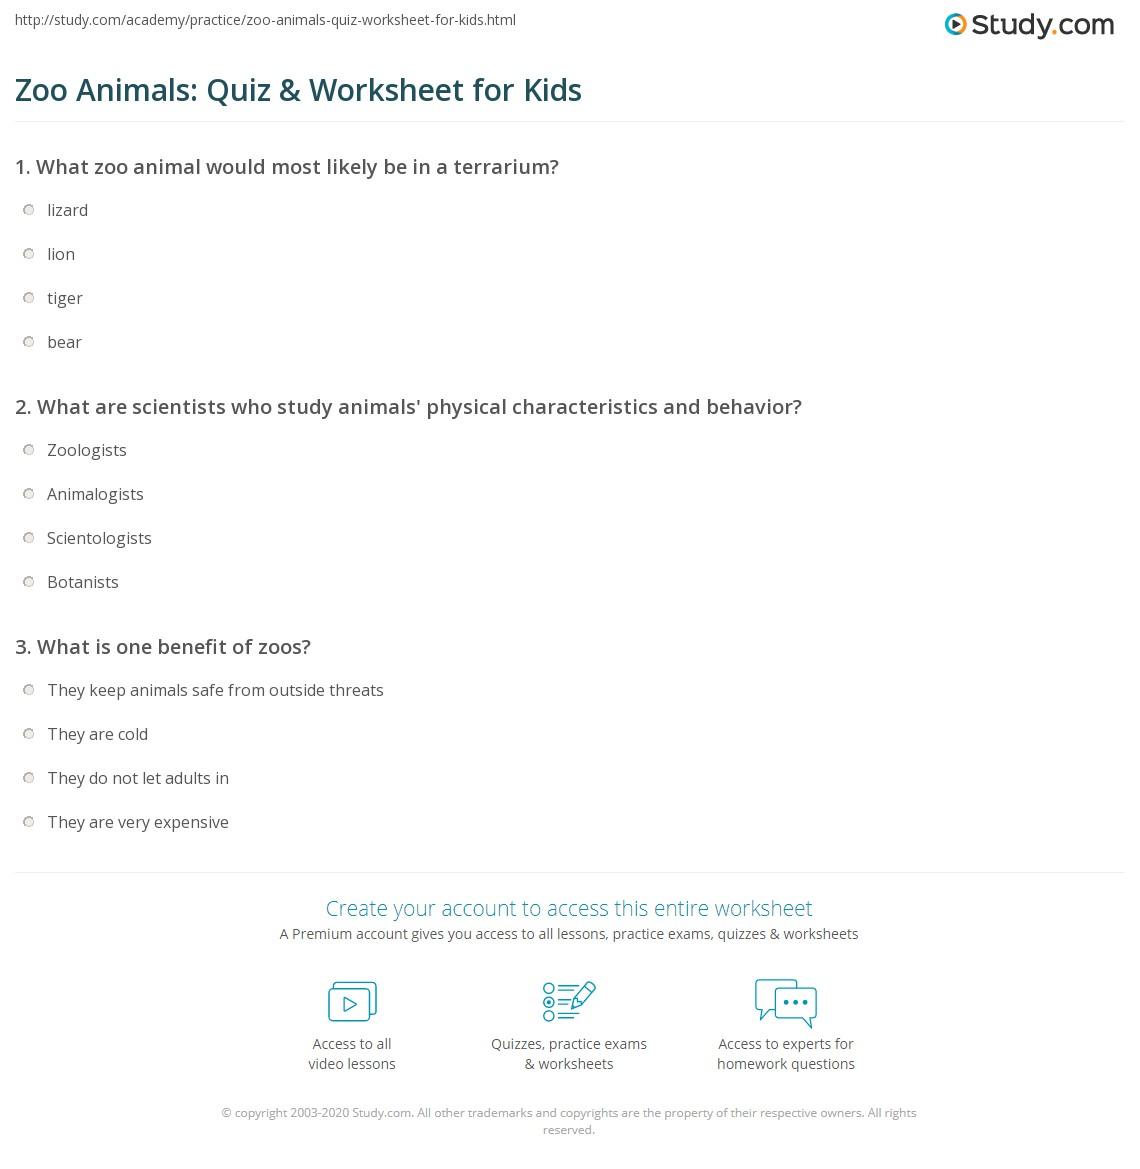 Zoo Nim Ls Quiz W Ksheet Kids Study